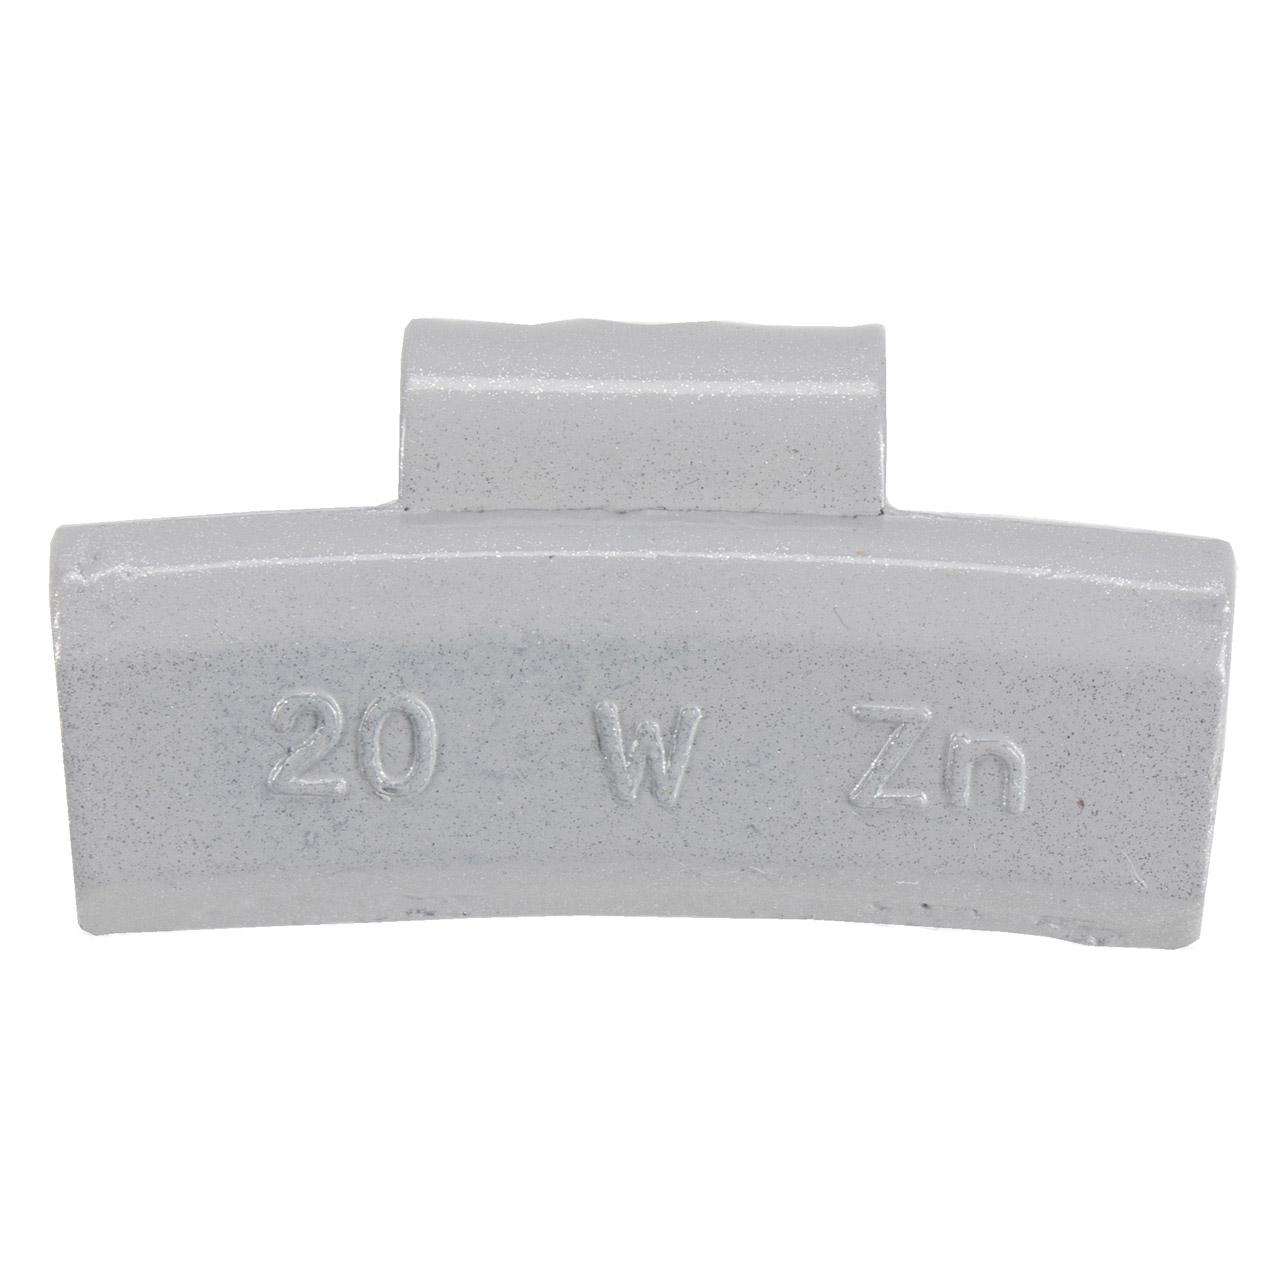 GEMATIC Auswuchtgewicht Schlaggewicht für Alufelge GRAU-ZINK 100 Stück x 20g